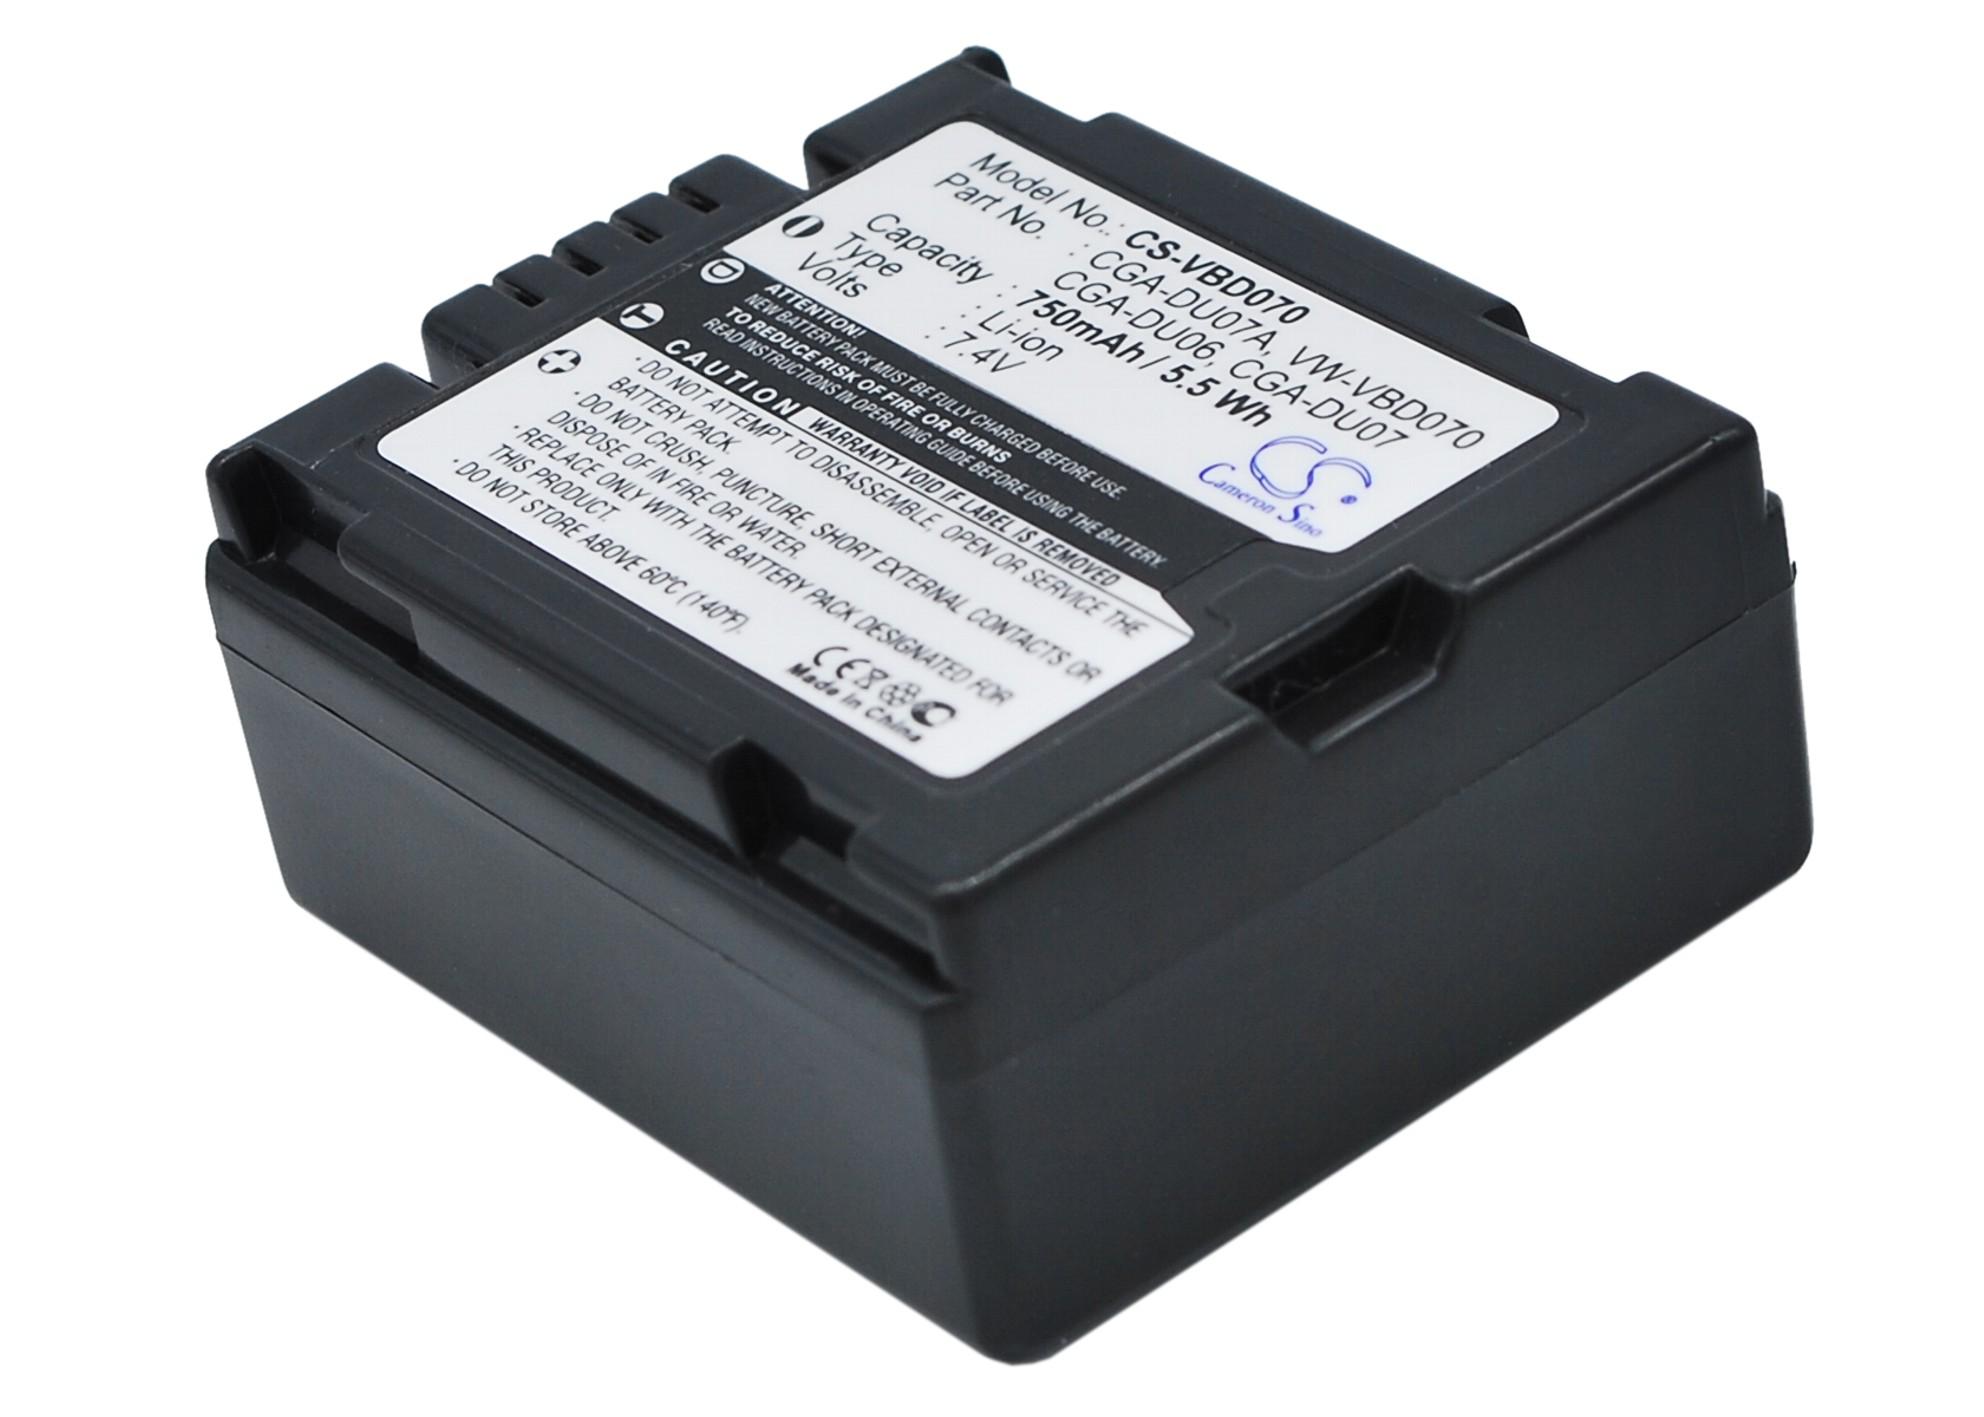 Cameron Sino baterie do kamer a fotoaparátů pro PANASONIC NV-GS150 7.4V Li-ion 750mAh tmavě šedá - neoriginální